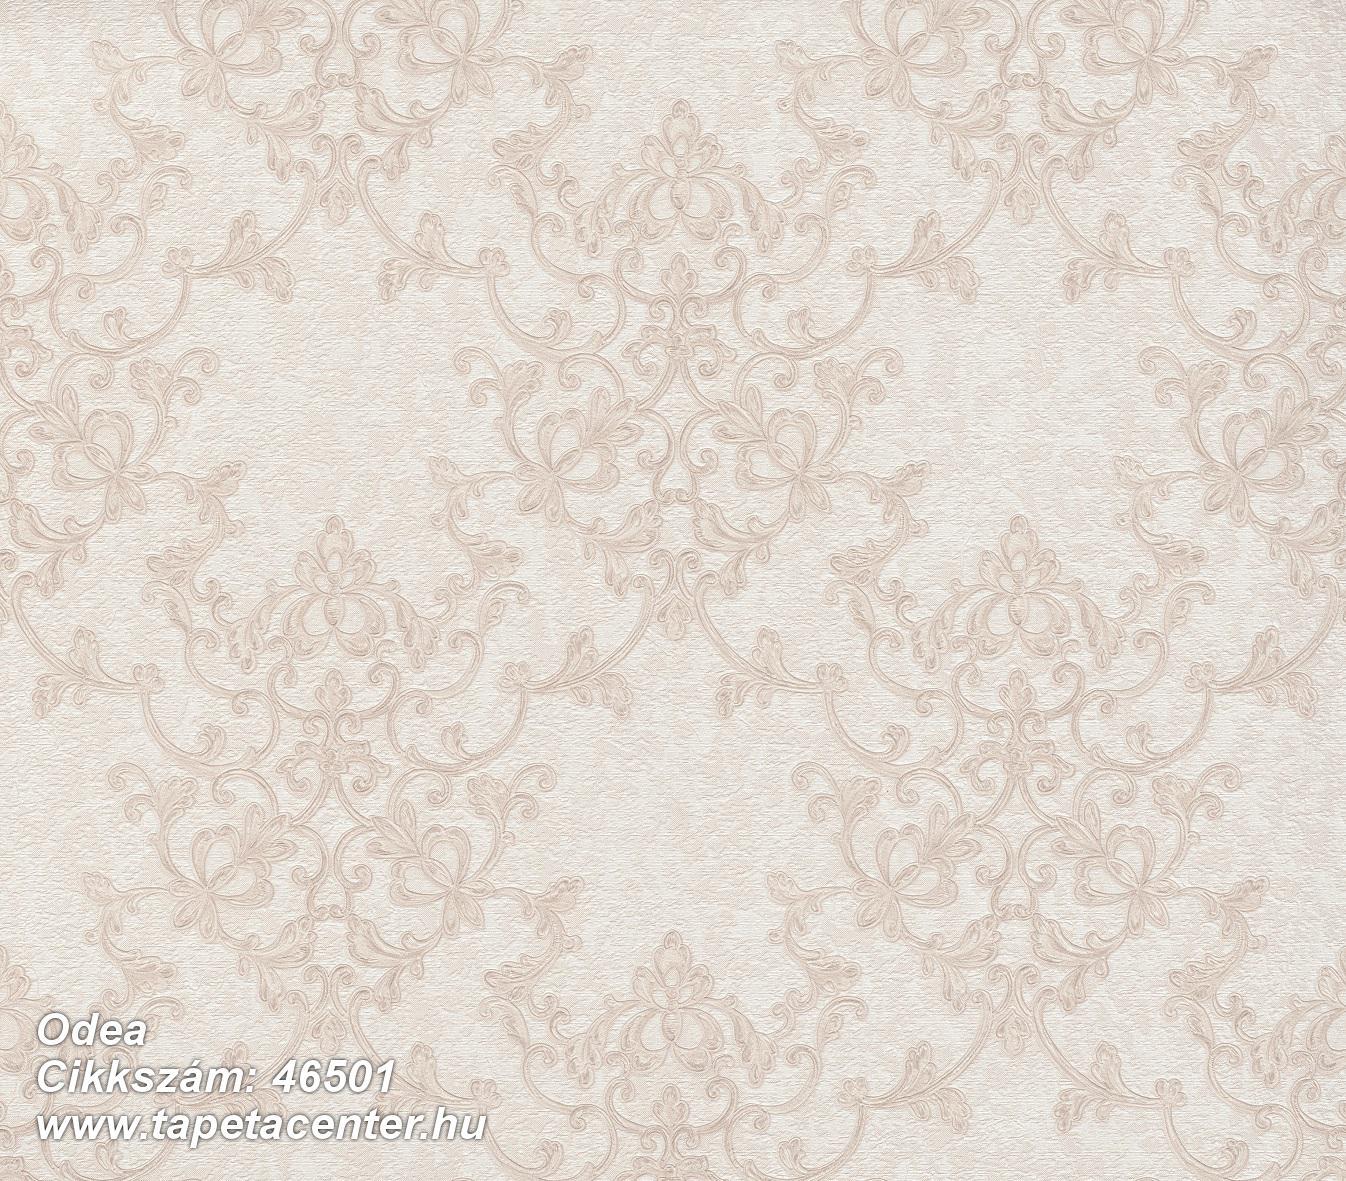 Odea - 46501 Olasz tapéta